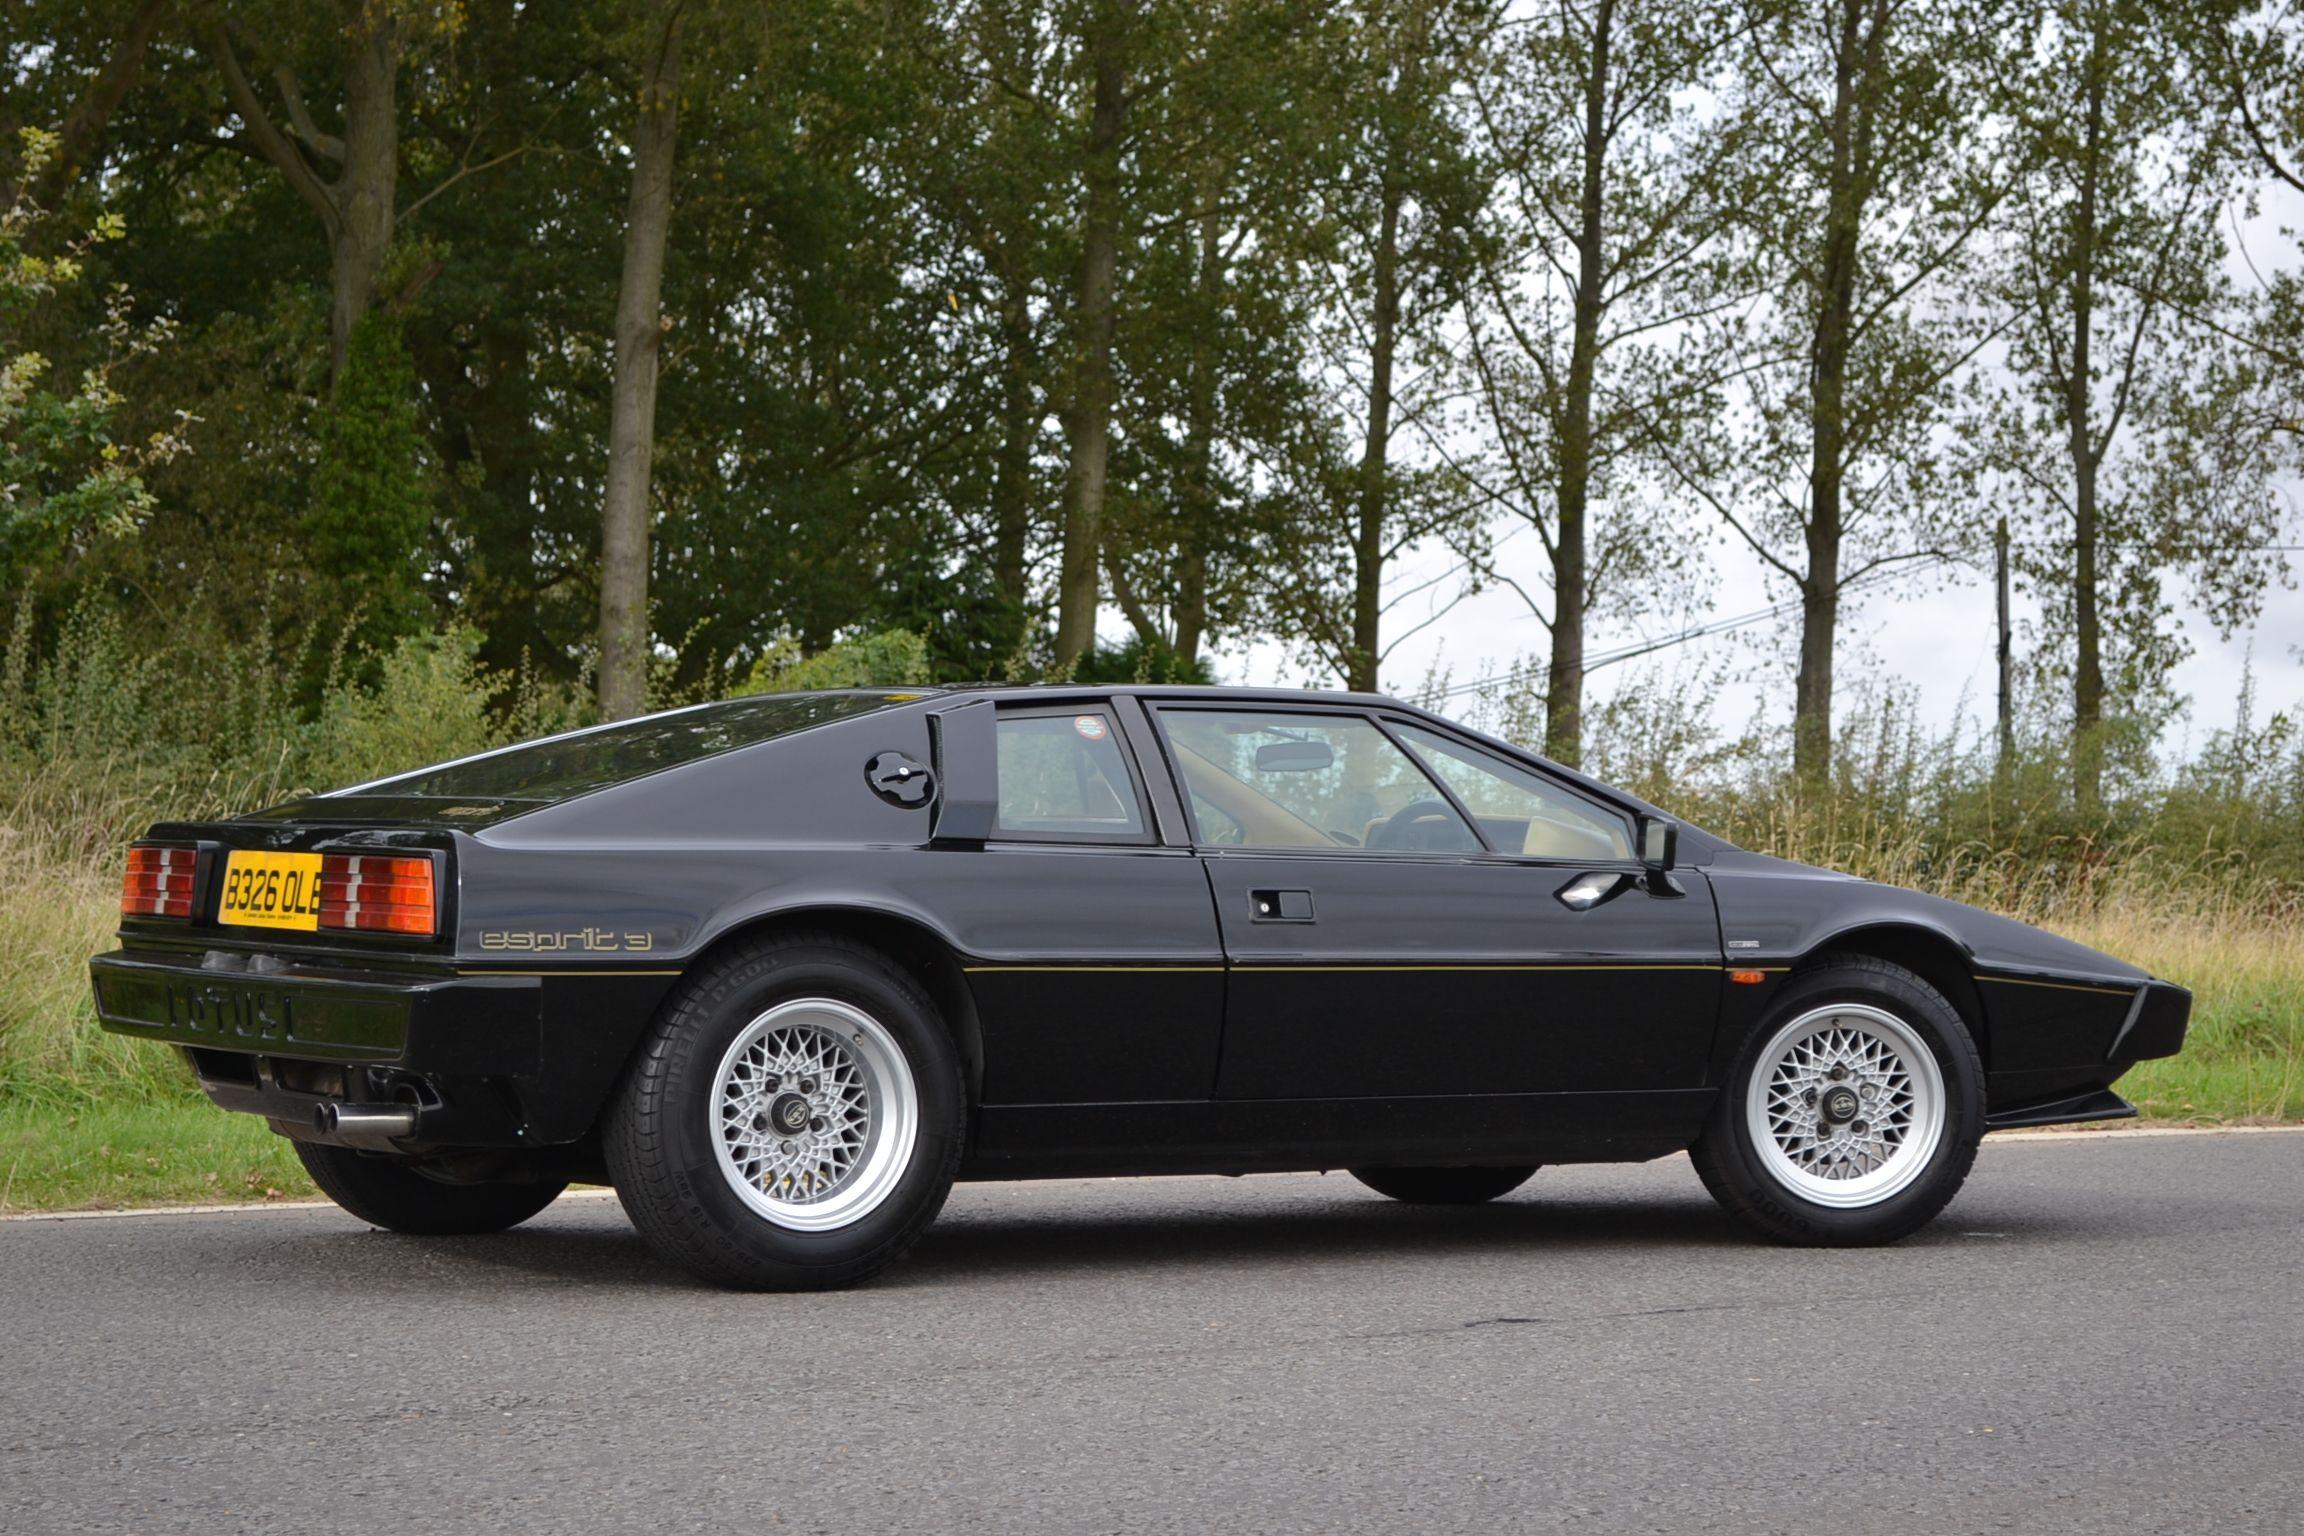 black lotus esprit | LOTUS ESPRIT Series 3 for Sale | Cars I ...